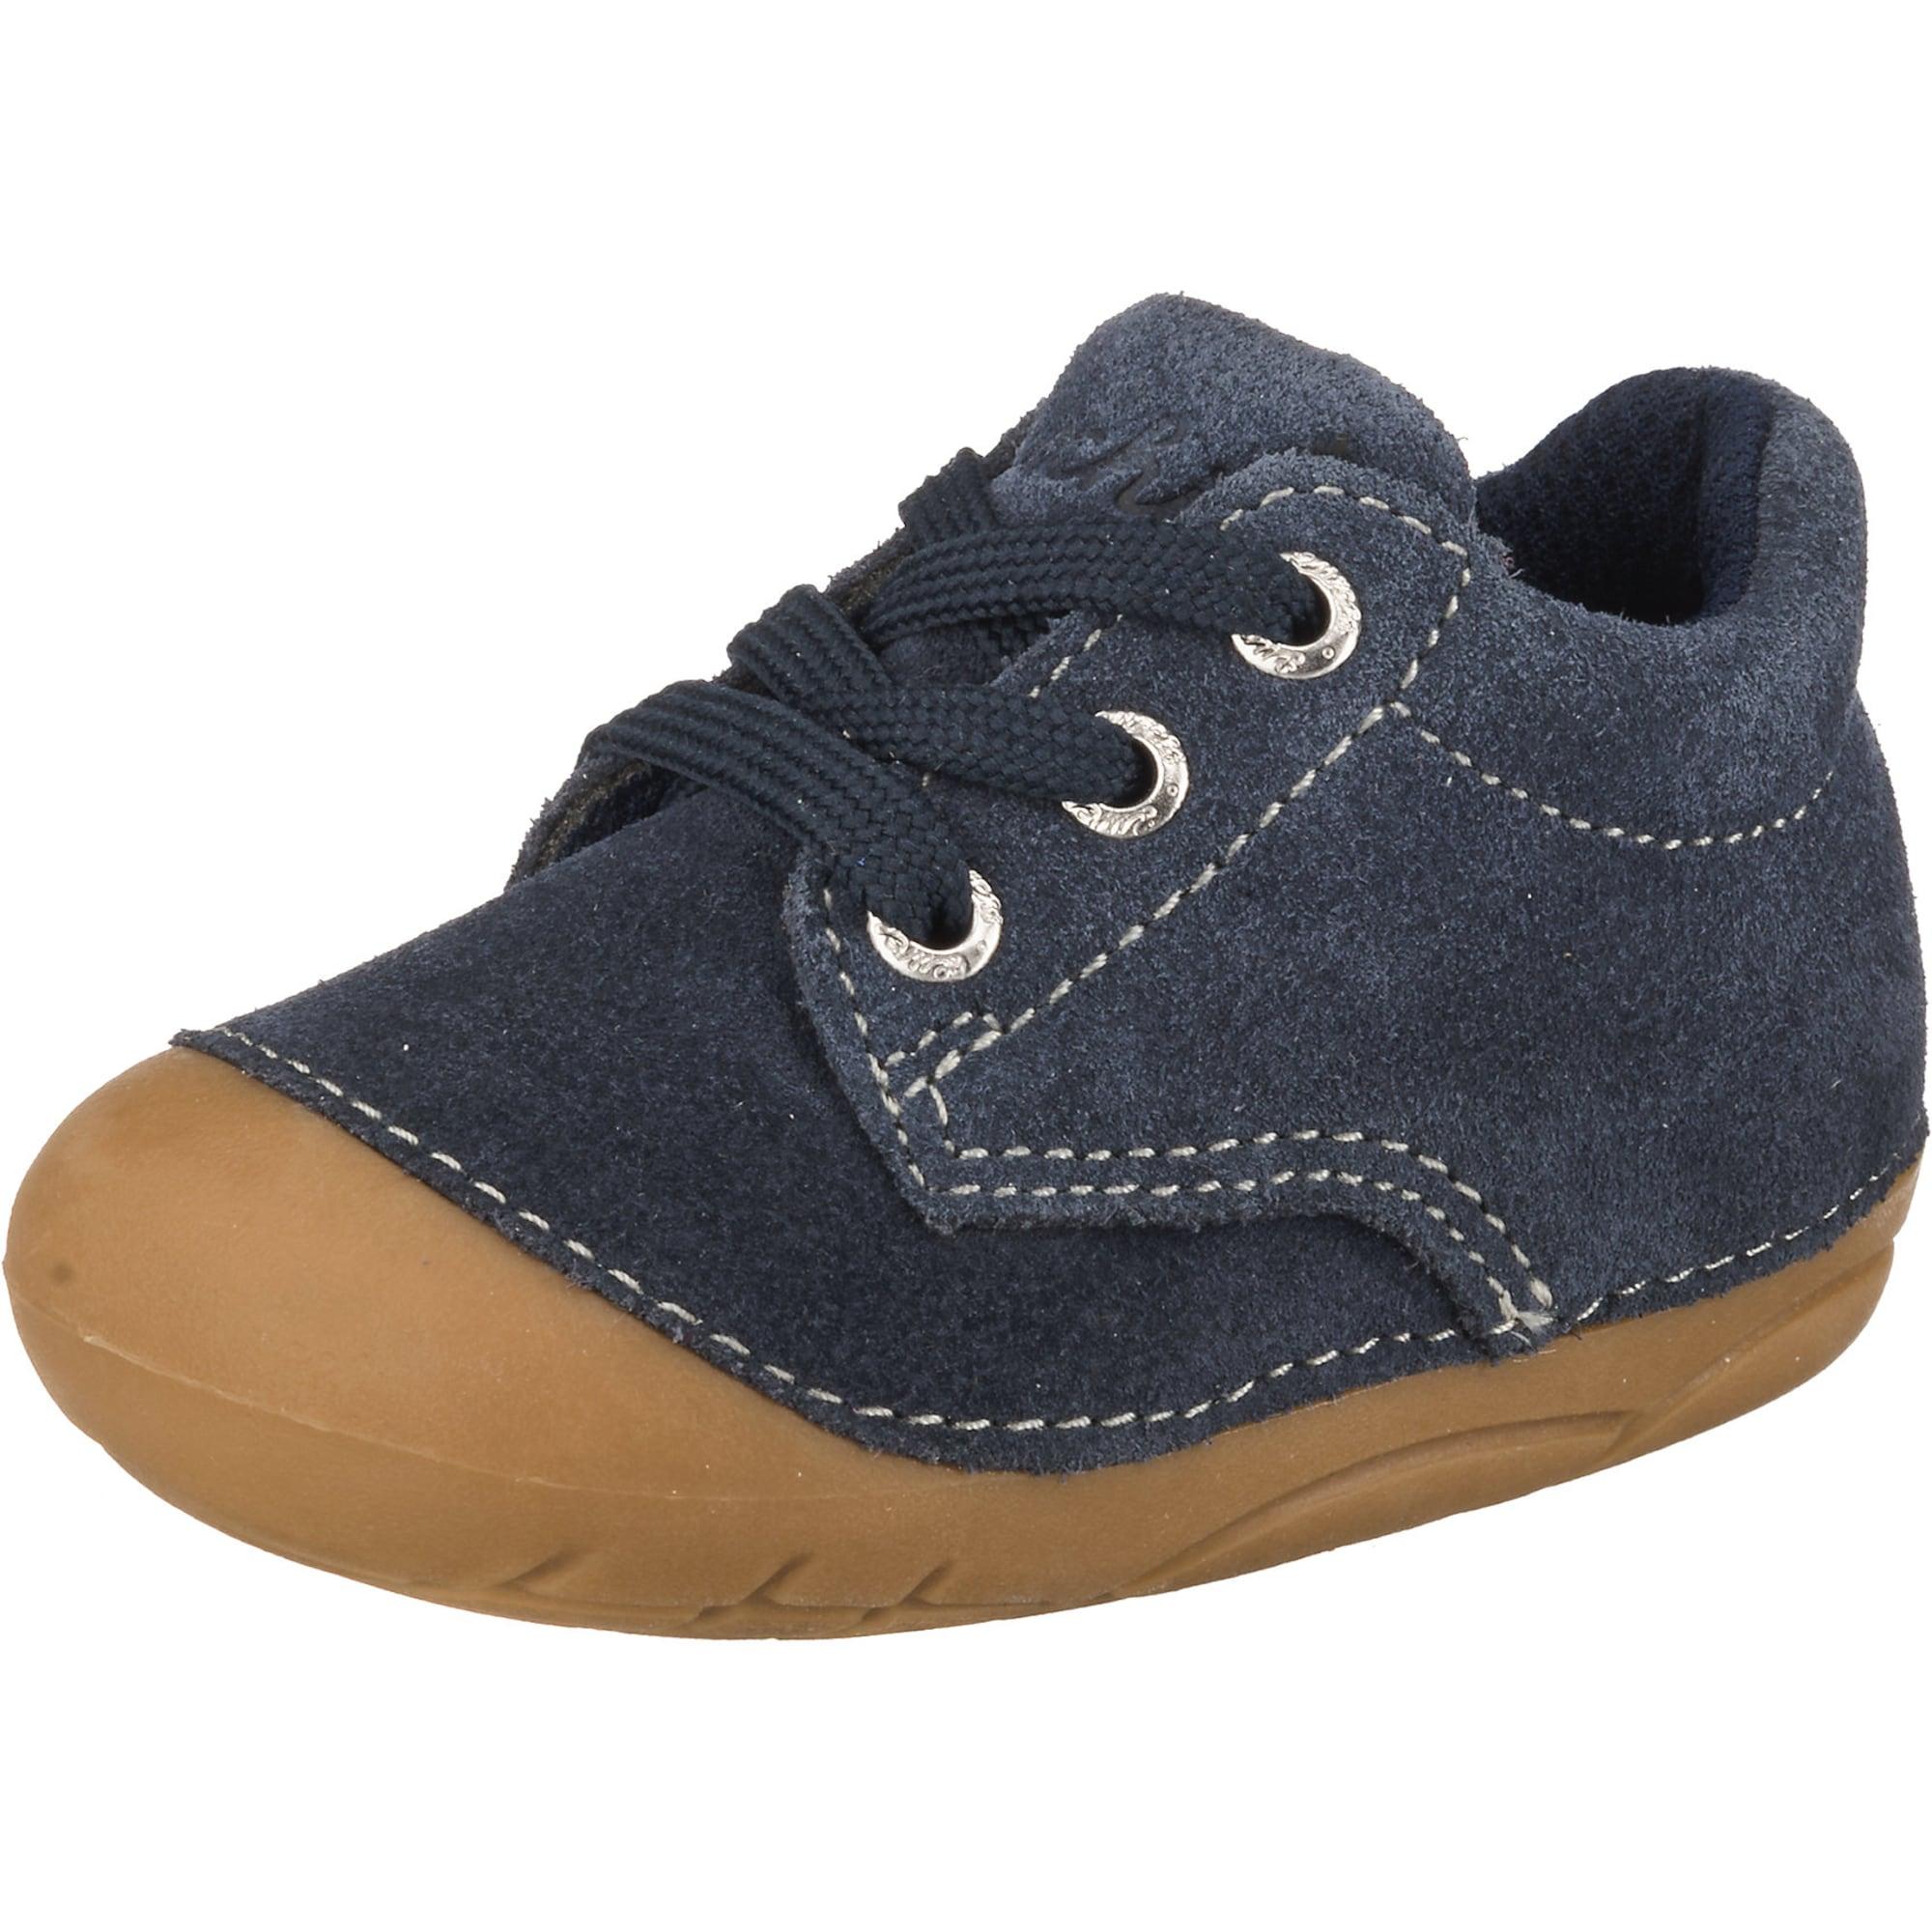 LURCHI Pirmieji vaiko vaikščiojimo bateliai mėlyna